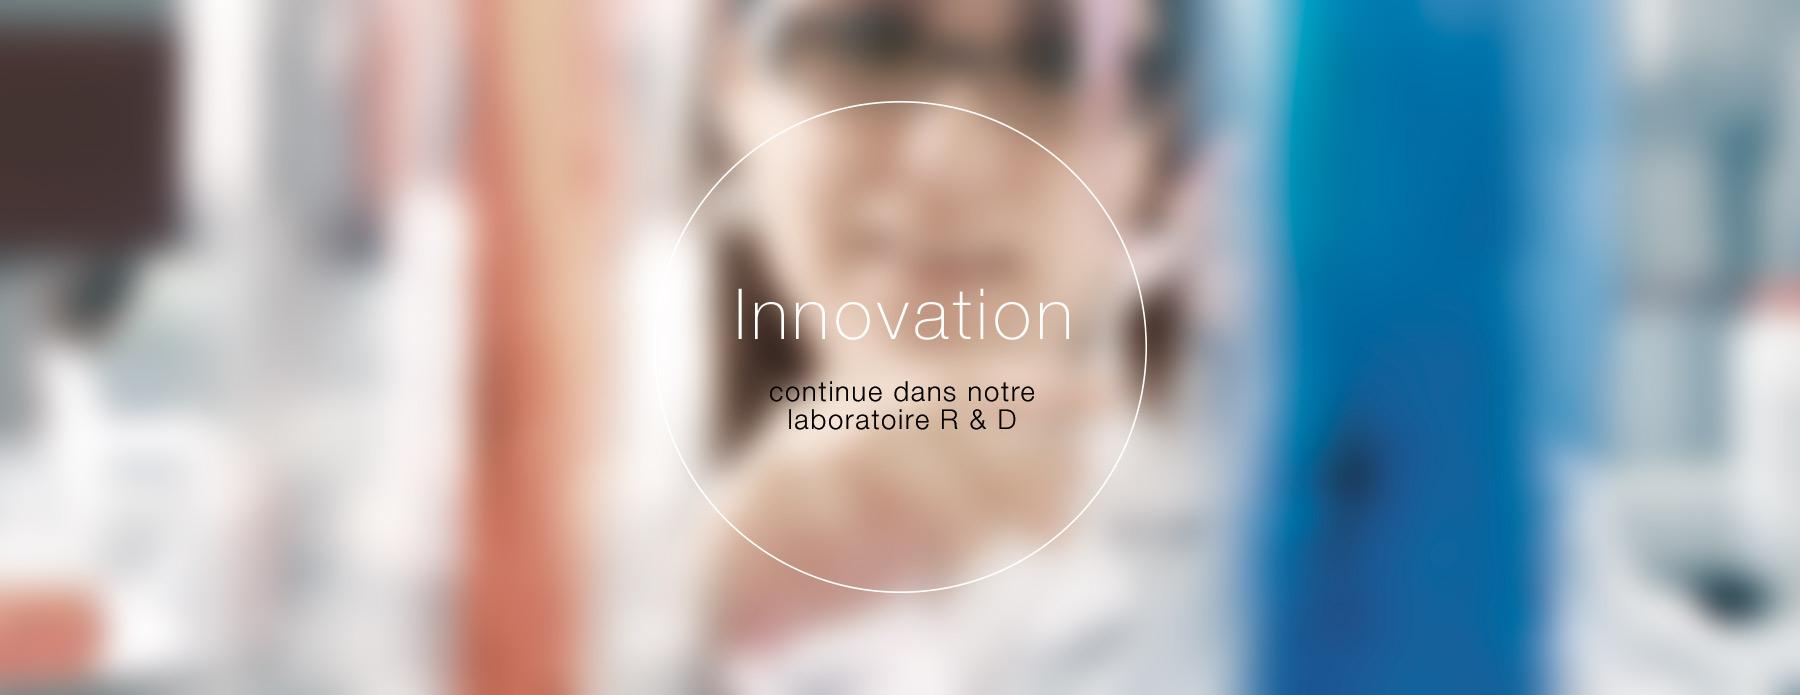 slider-fr-innovation